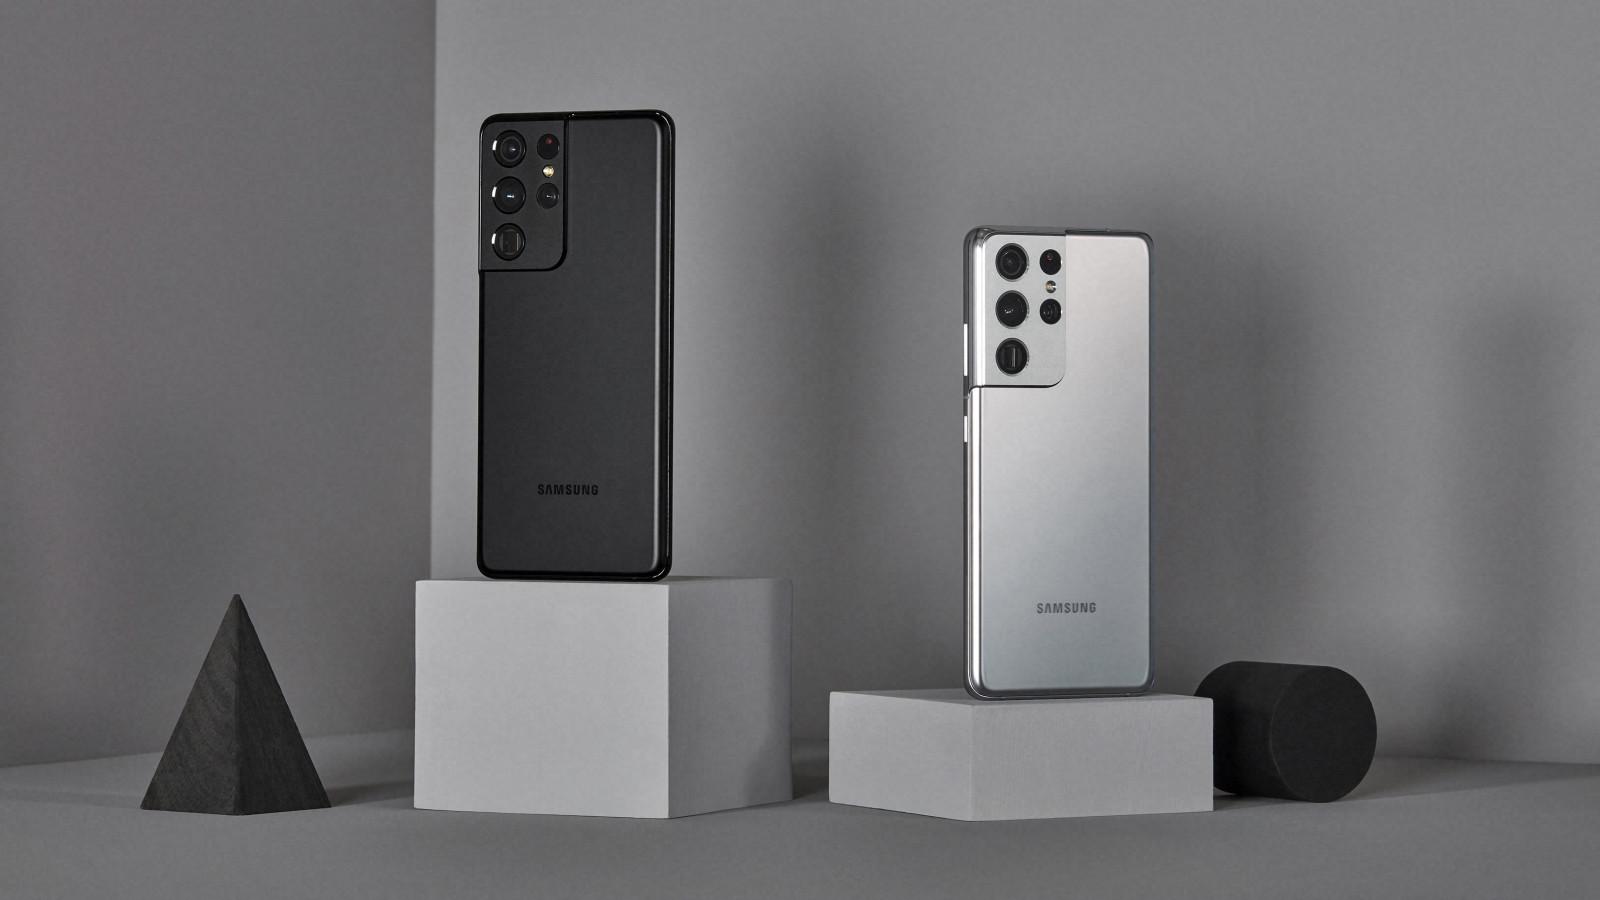 Samsung stellt mit dem Galaxy S21, S21 Plus und S21 Ultra drei neue Smartphones vor